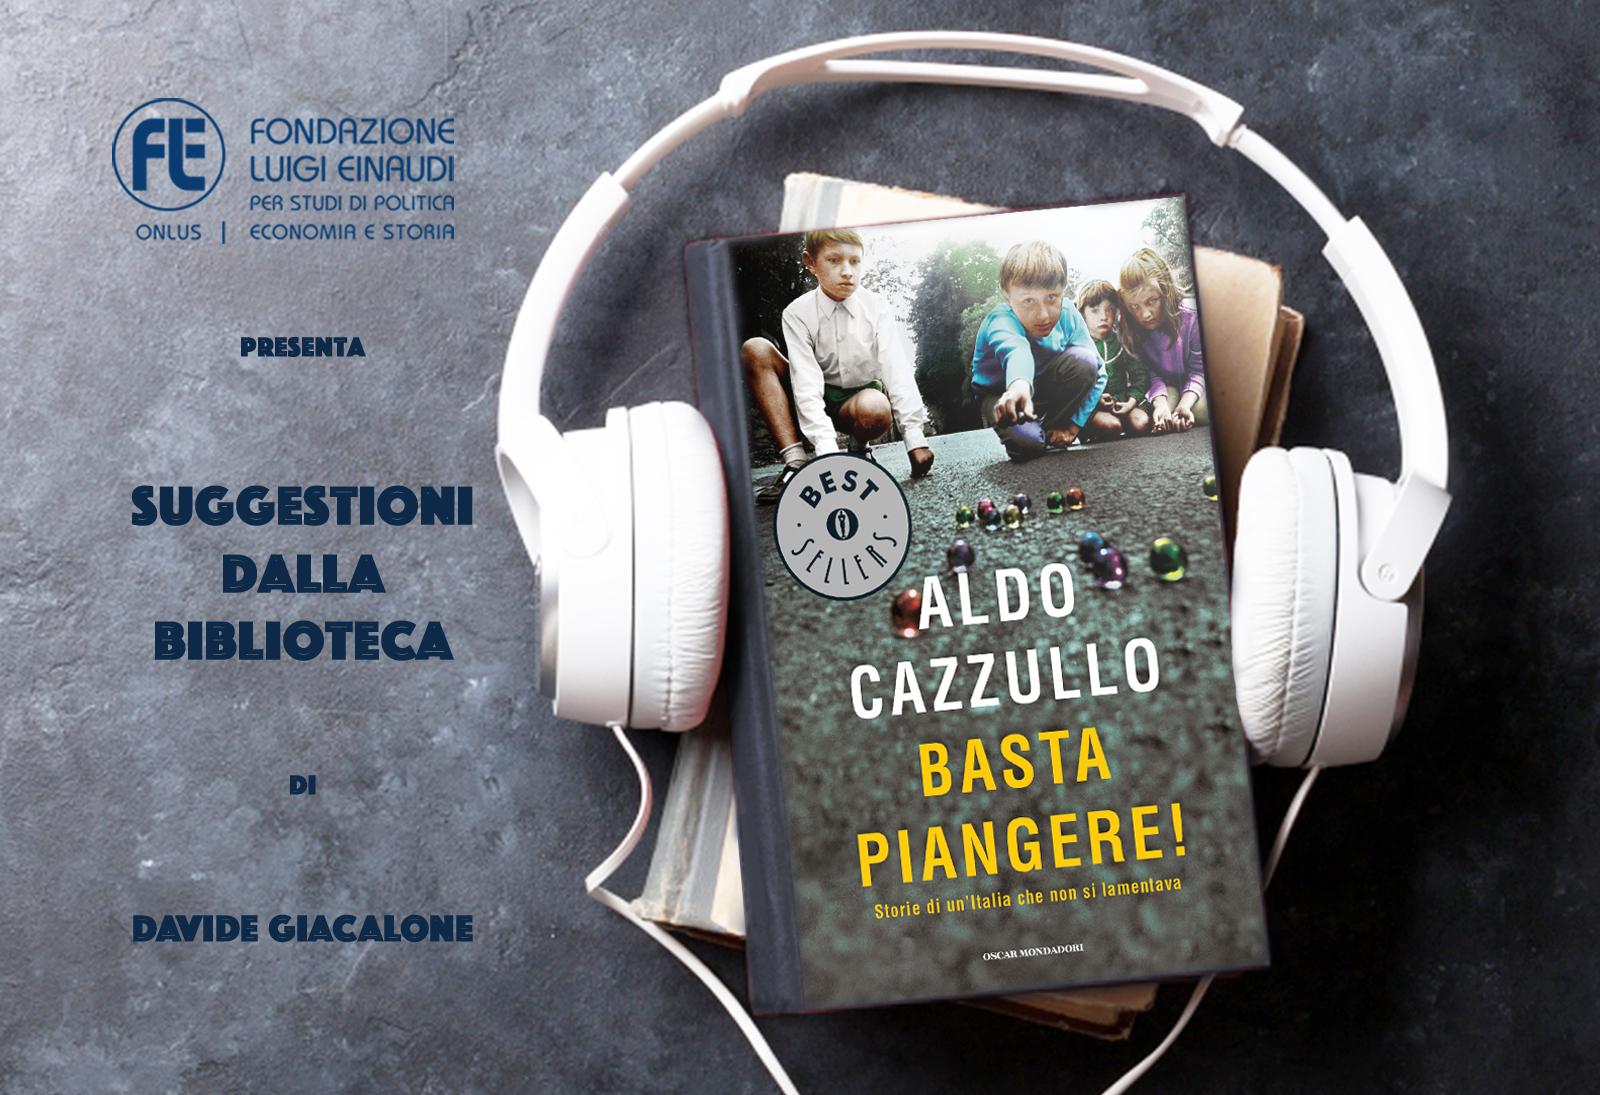 Aldo Cazzullo – Basta piangere!